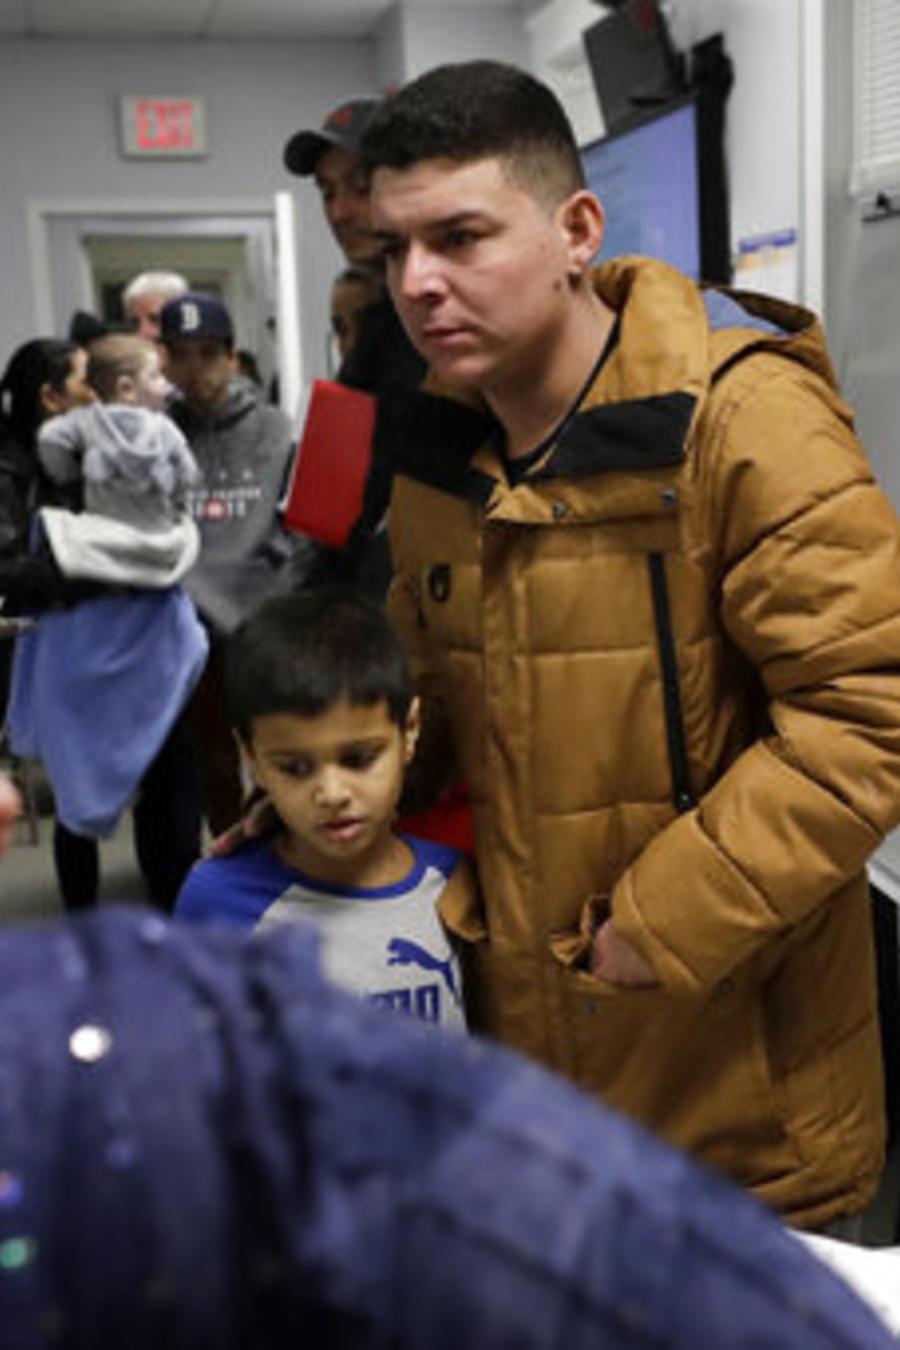 Helison Alvarenga, un migrante brasileño de 26 años, su hijo David, de seis años, en un centro comunitario de Massachusetts.